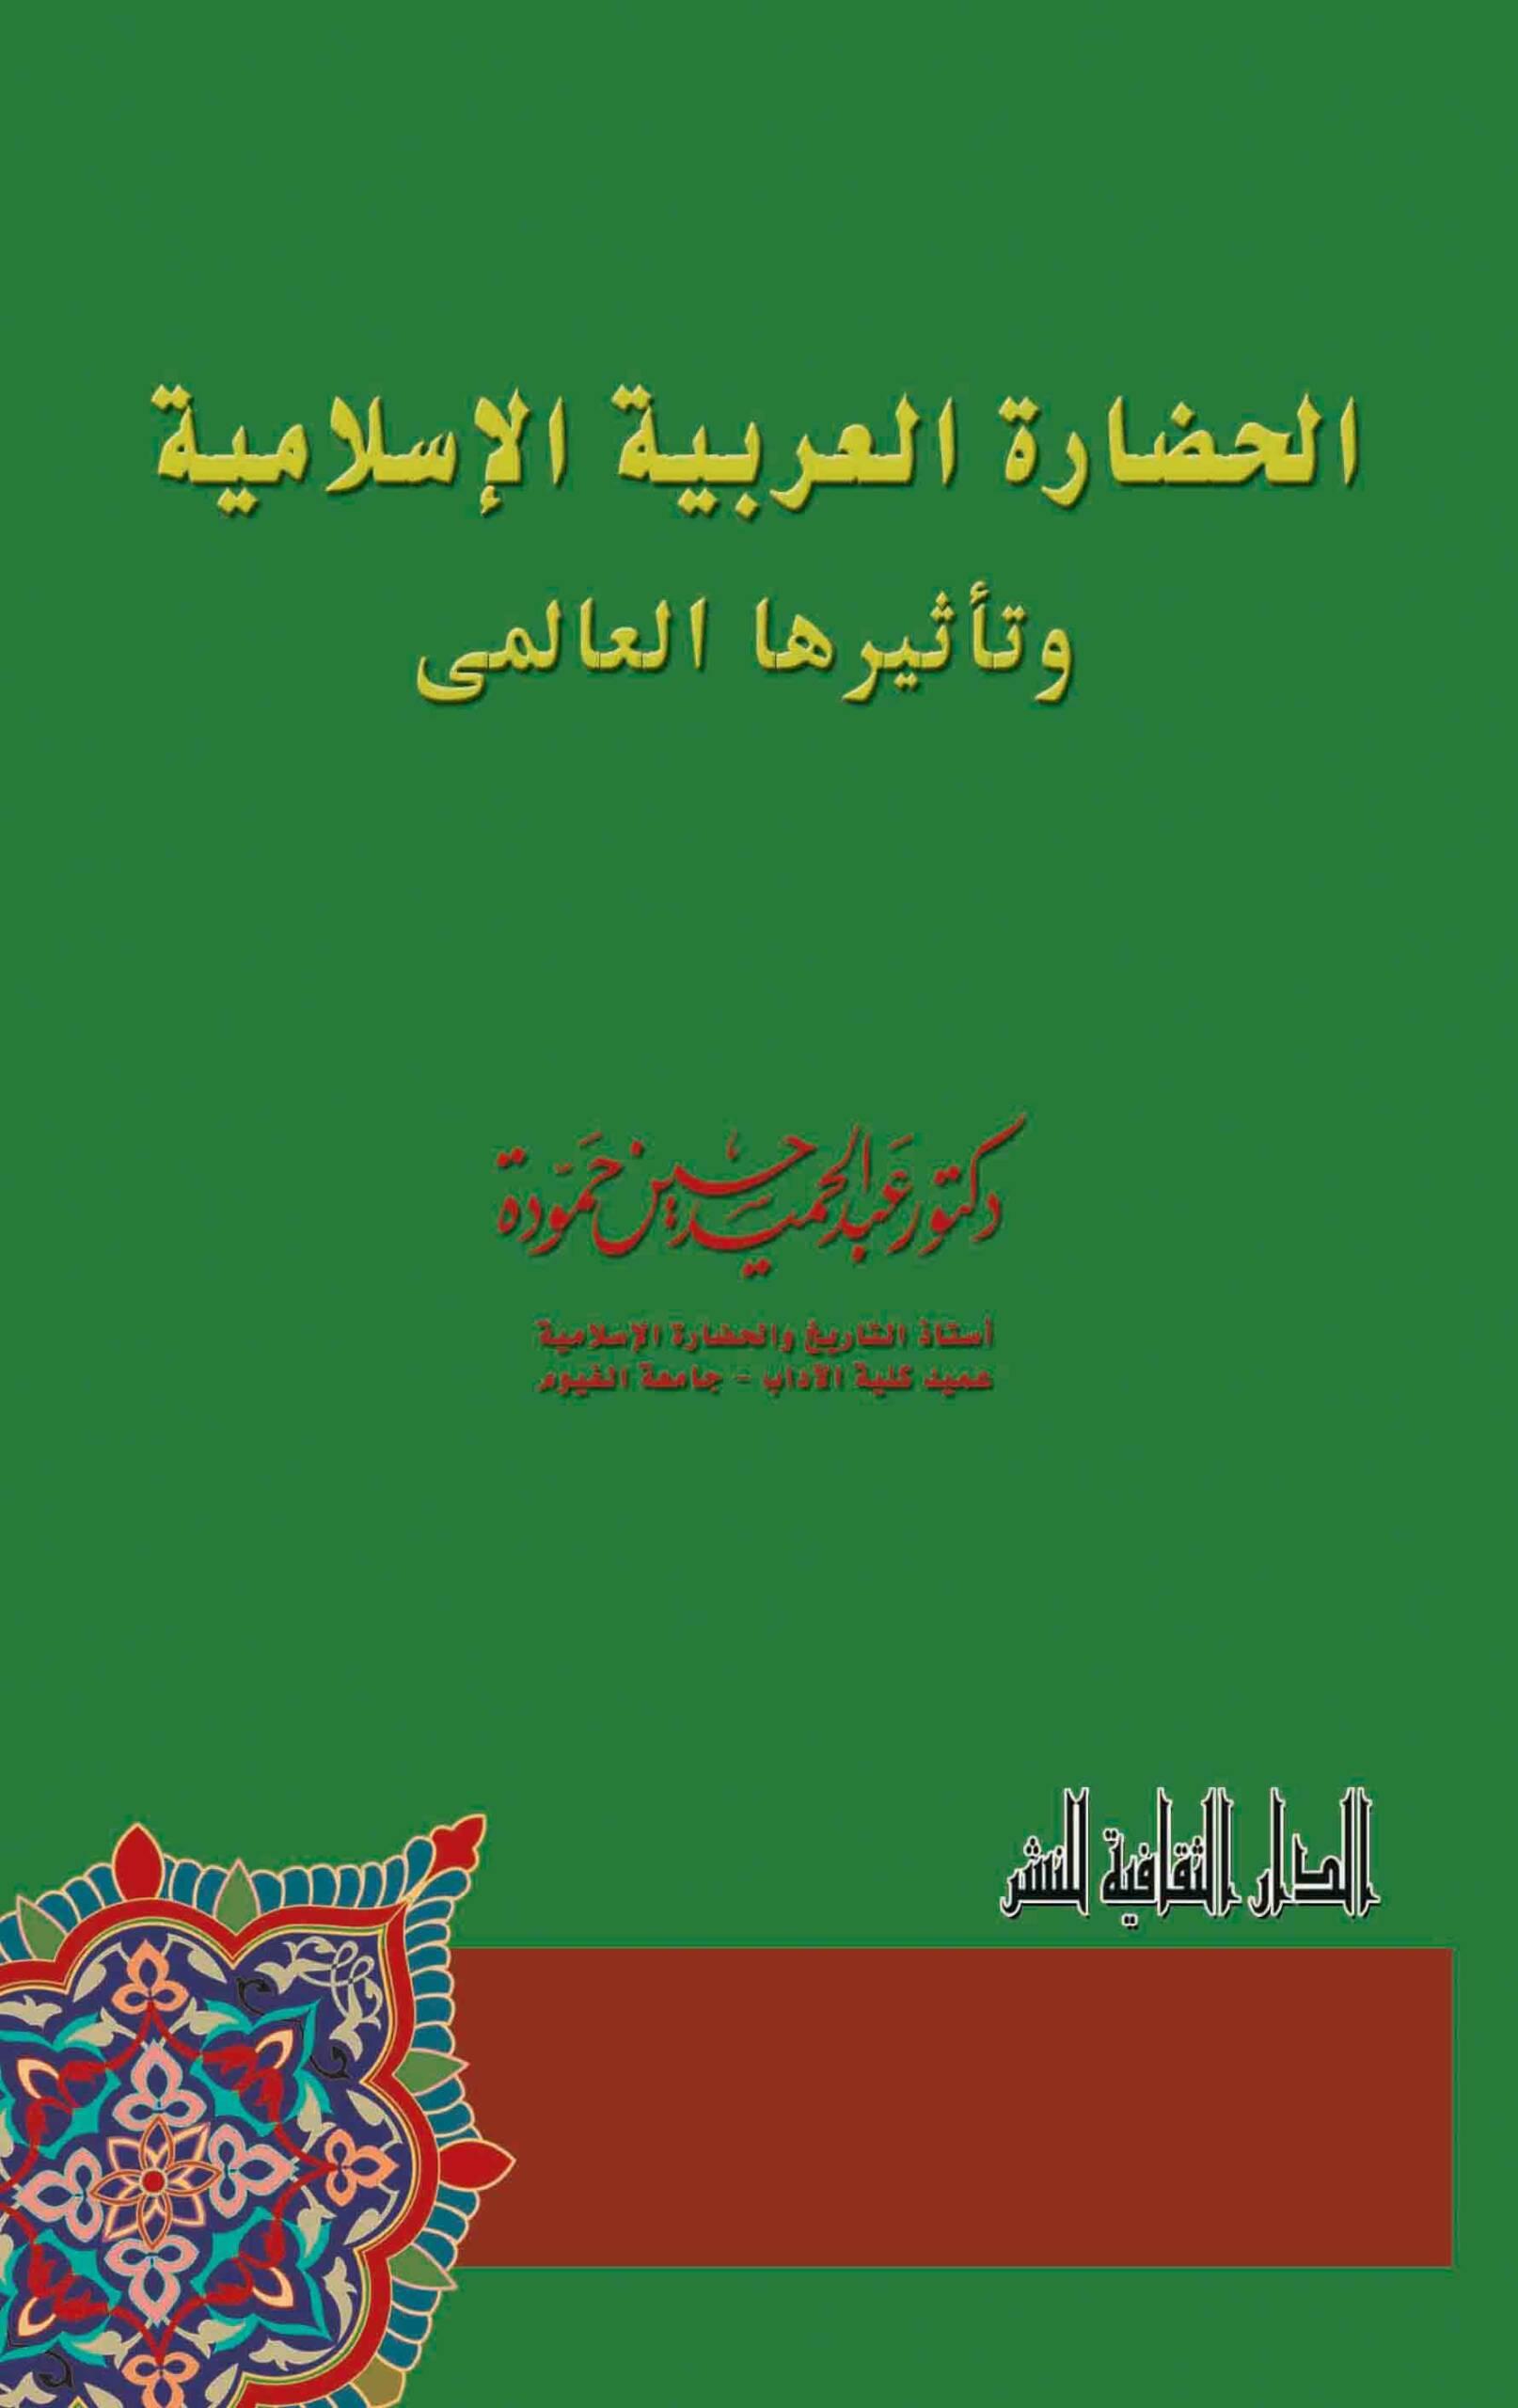 الحضارة العربية الإسلامية و تأثيرها العالمى